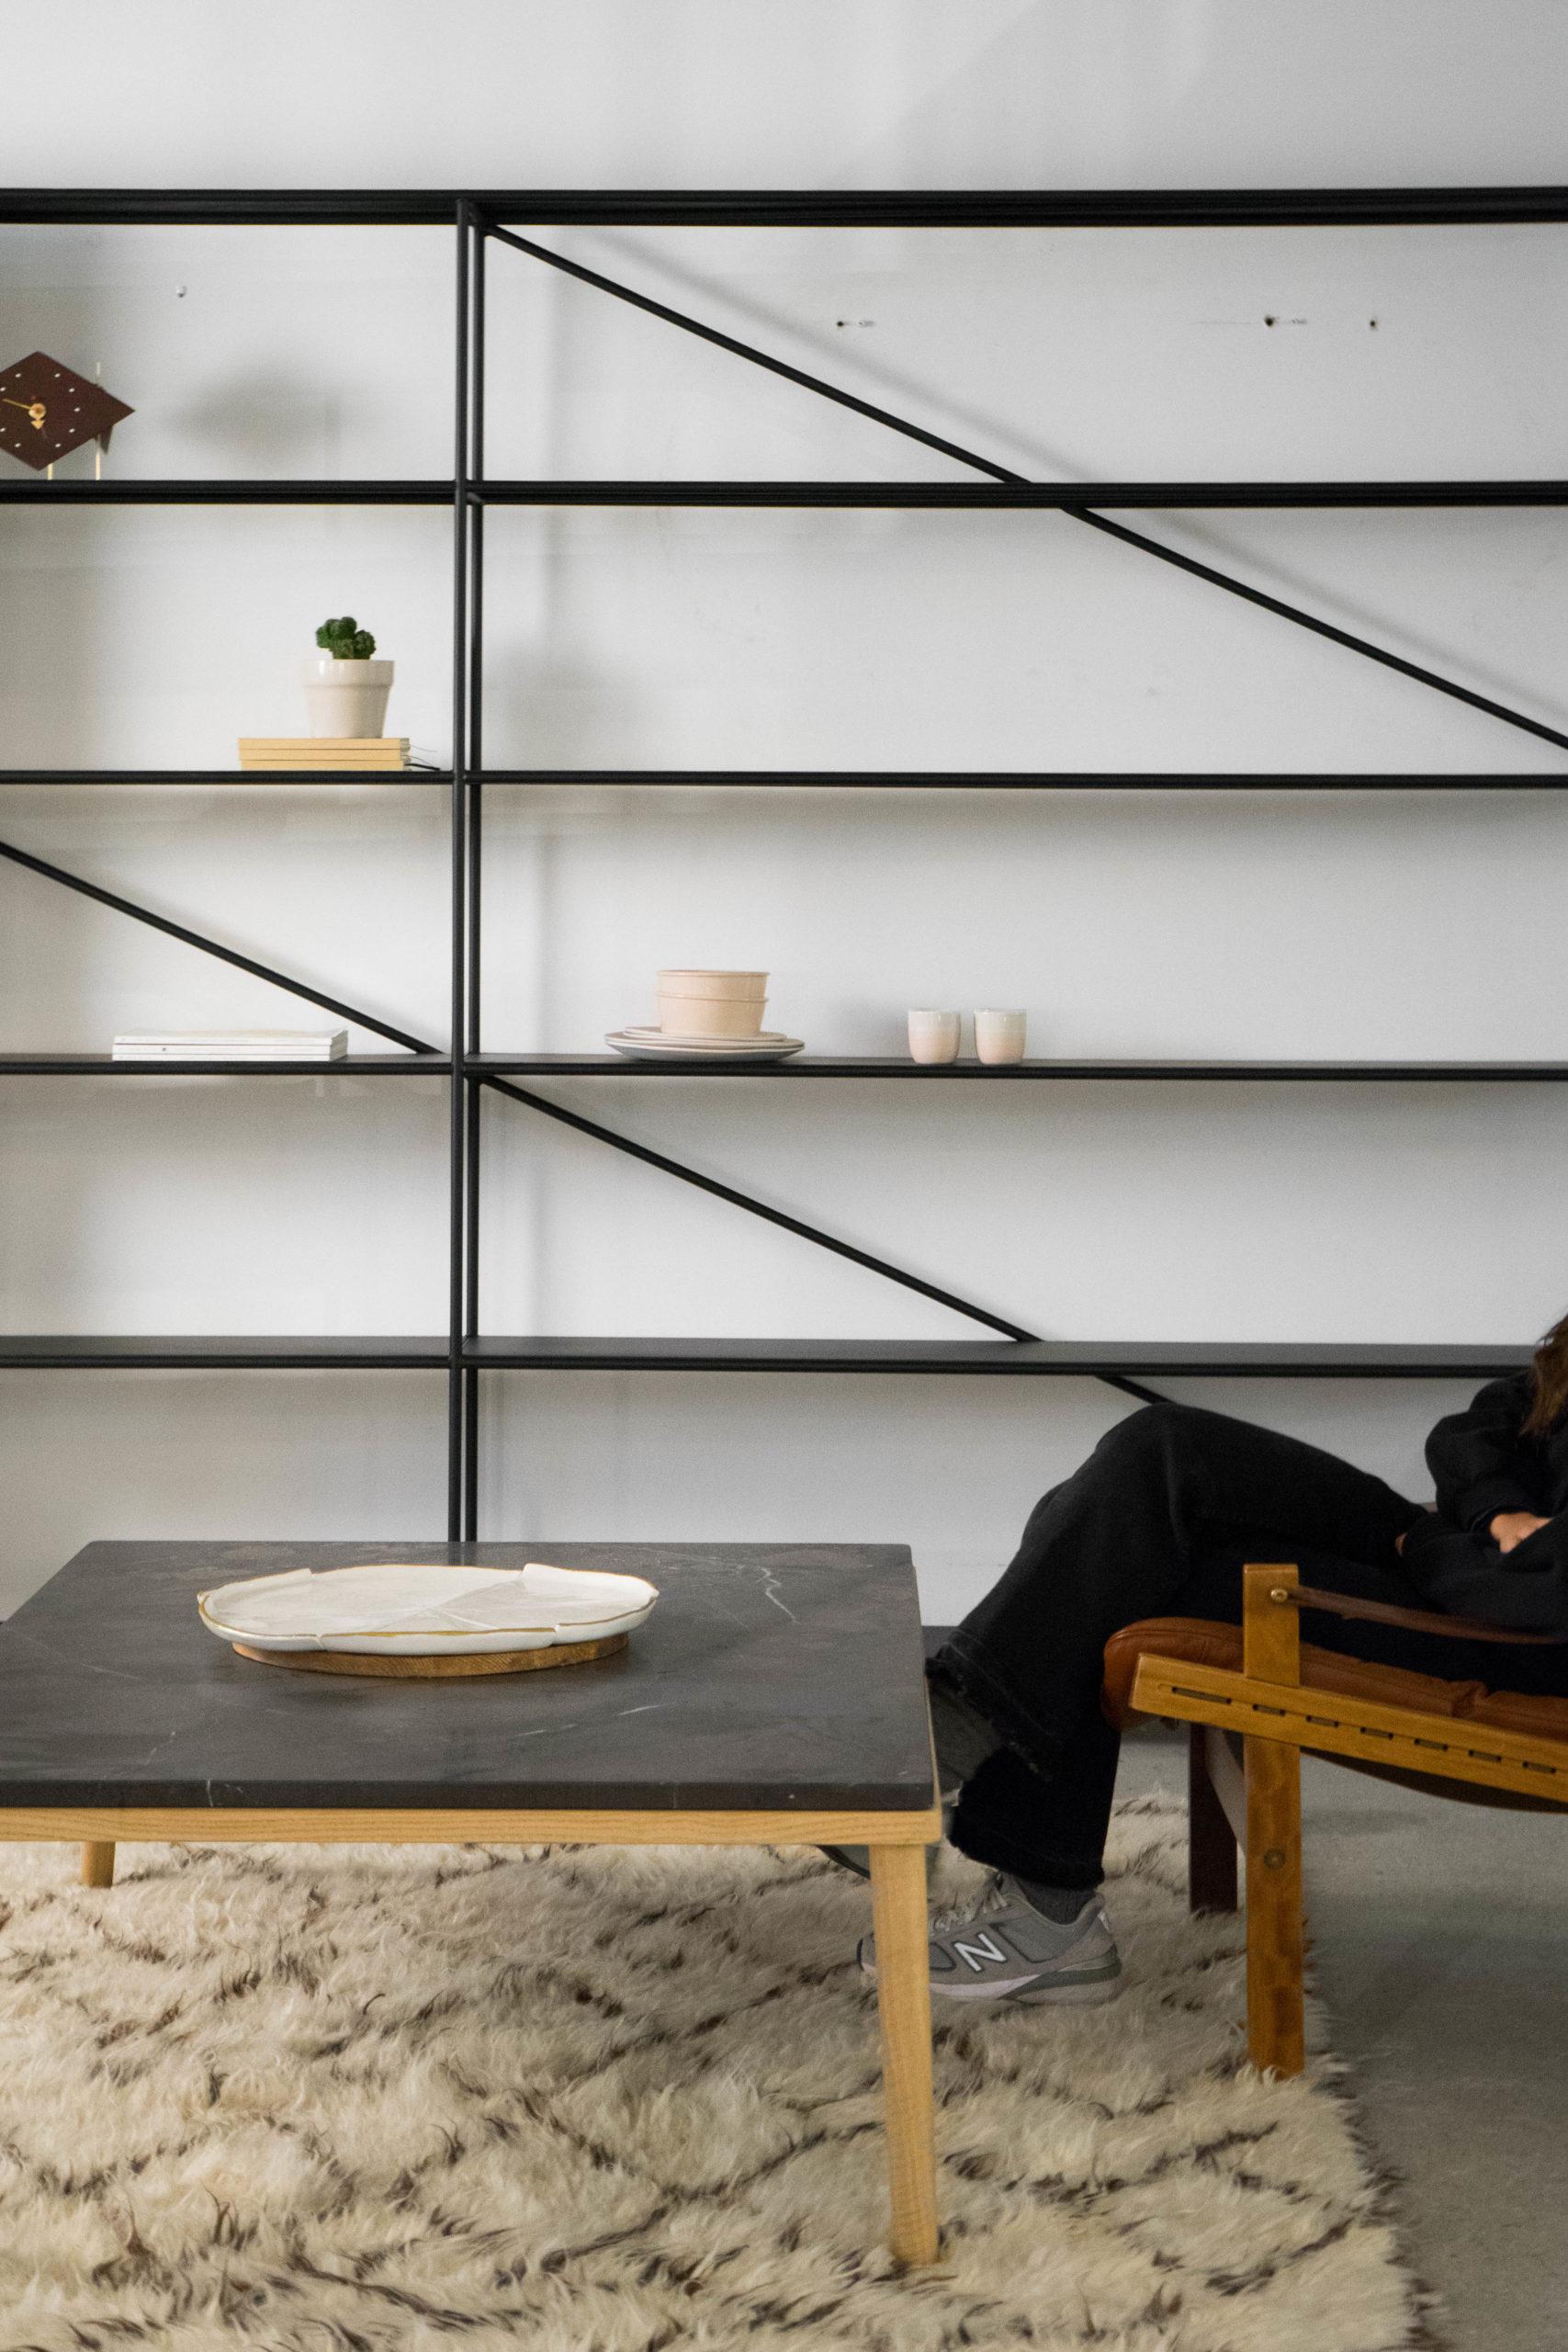 estantería de salon de metal y madera hecha a mano